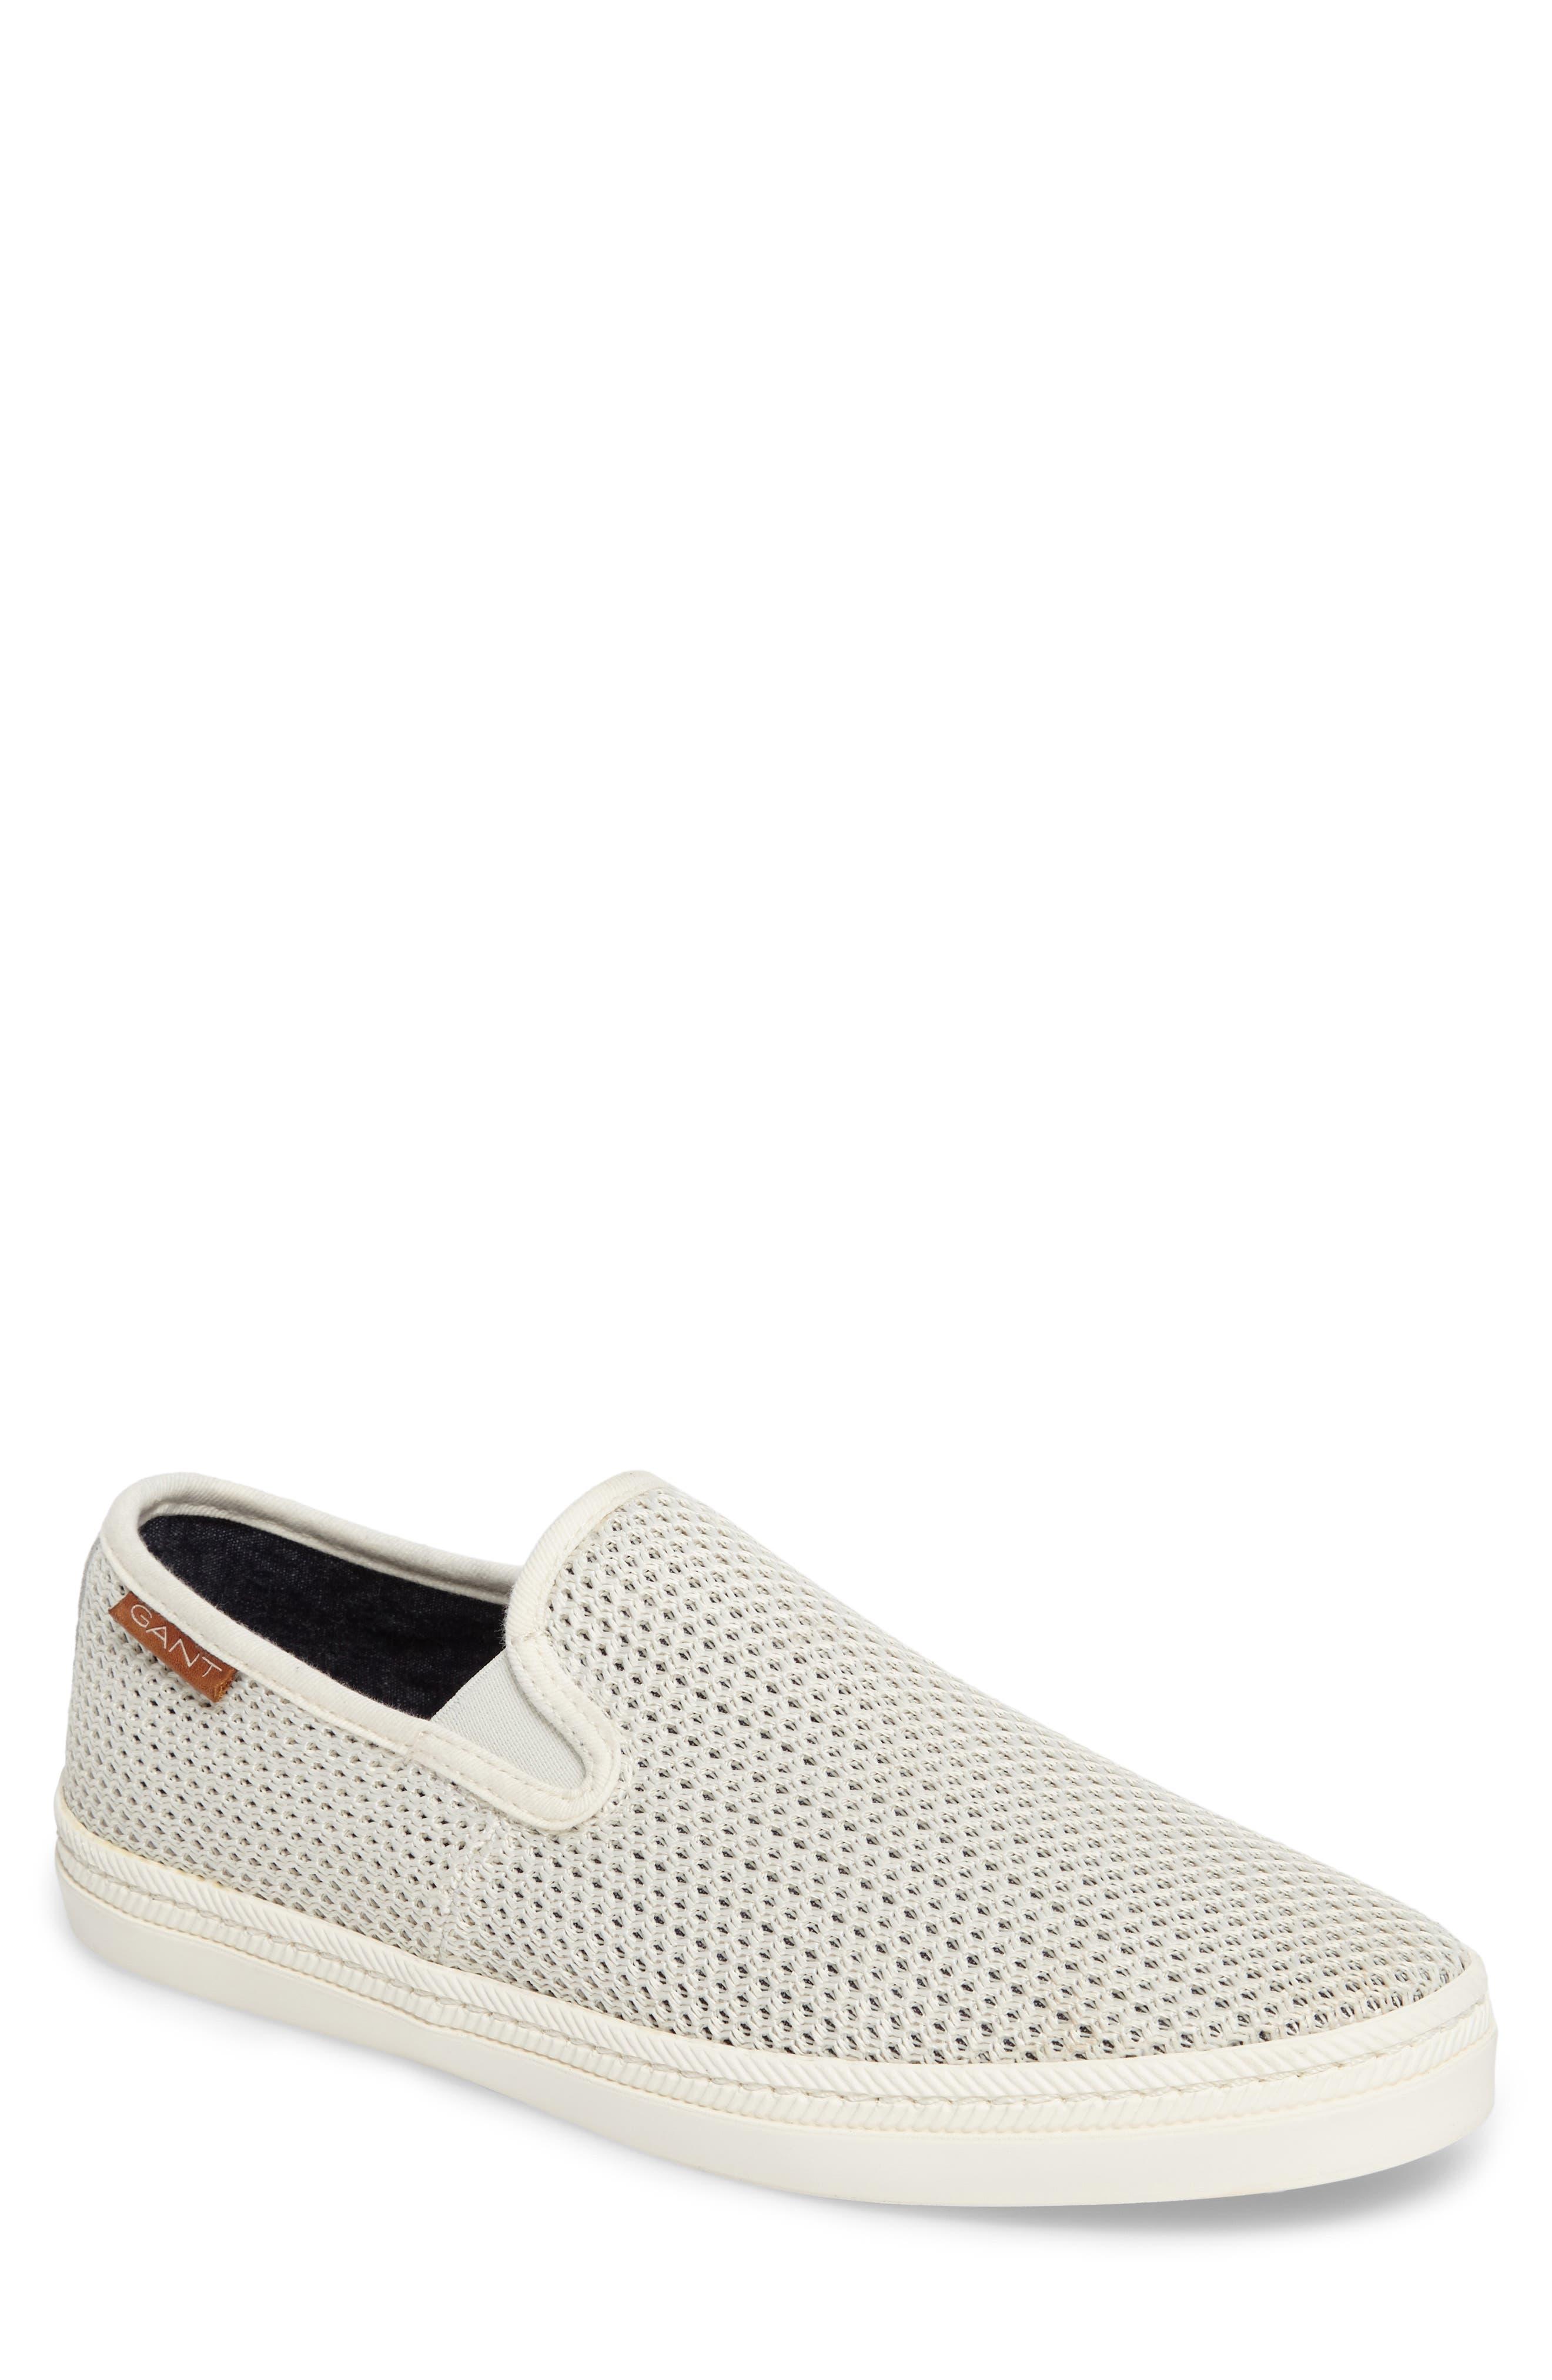 GANT Delray Woven Slip-On Sneaker